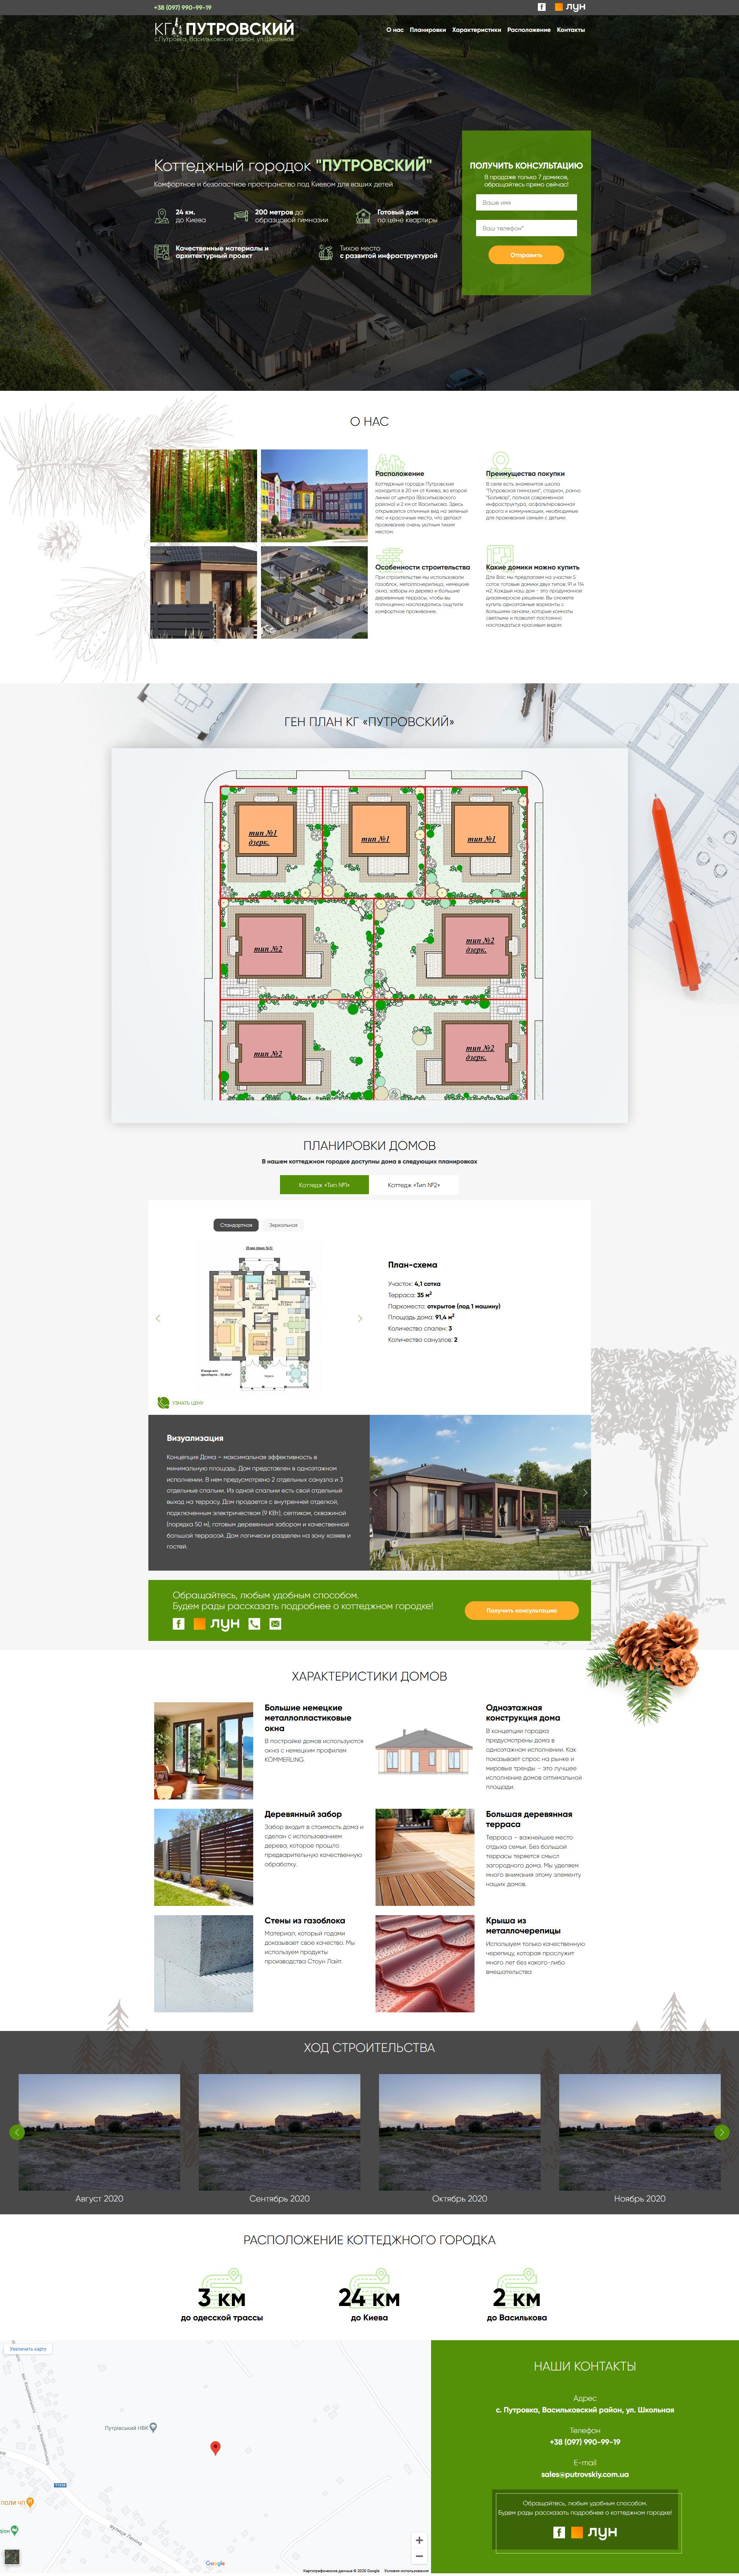 Фото Одностраничный сайт для компании по продаже коттеджей. Уникальный дизайн, адаптивная верстка под экраны всех устройств.